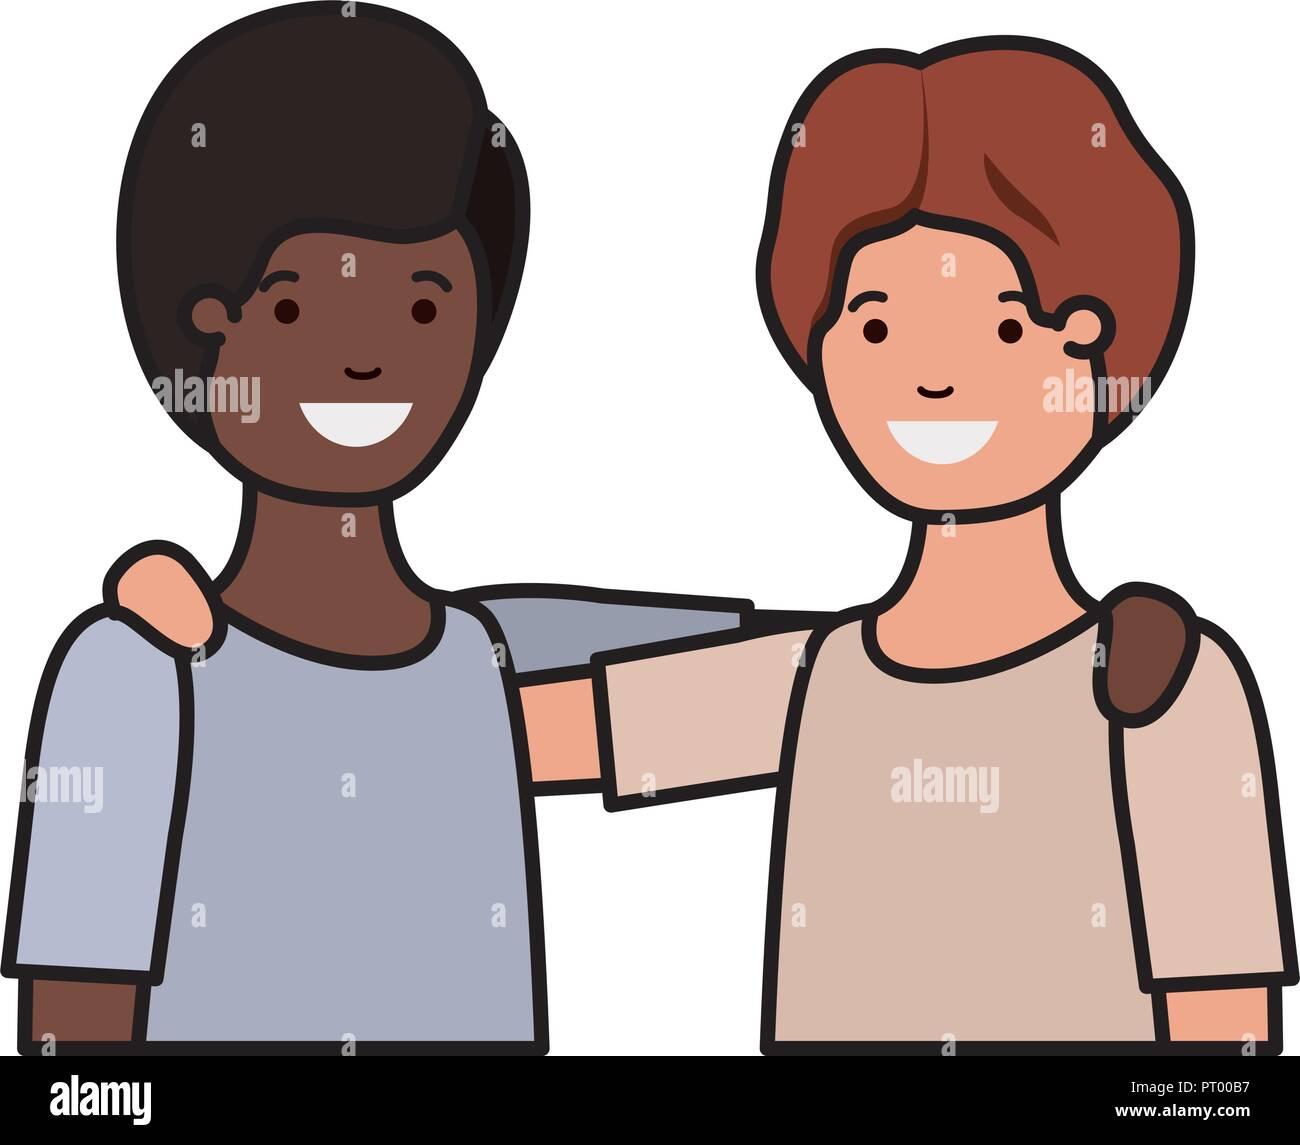 Muchachos adolescentes amigable etnia caracteres Imagen De Stock